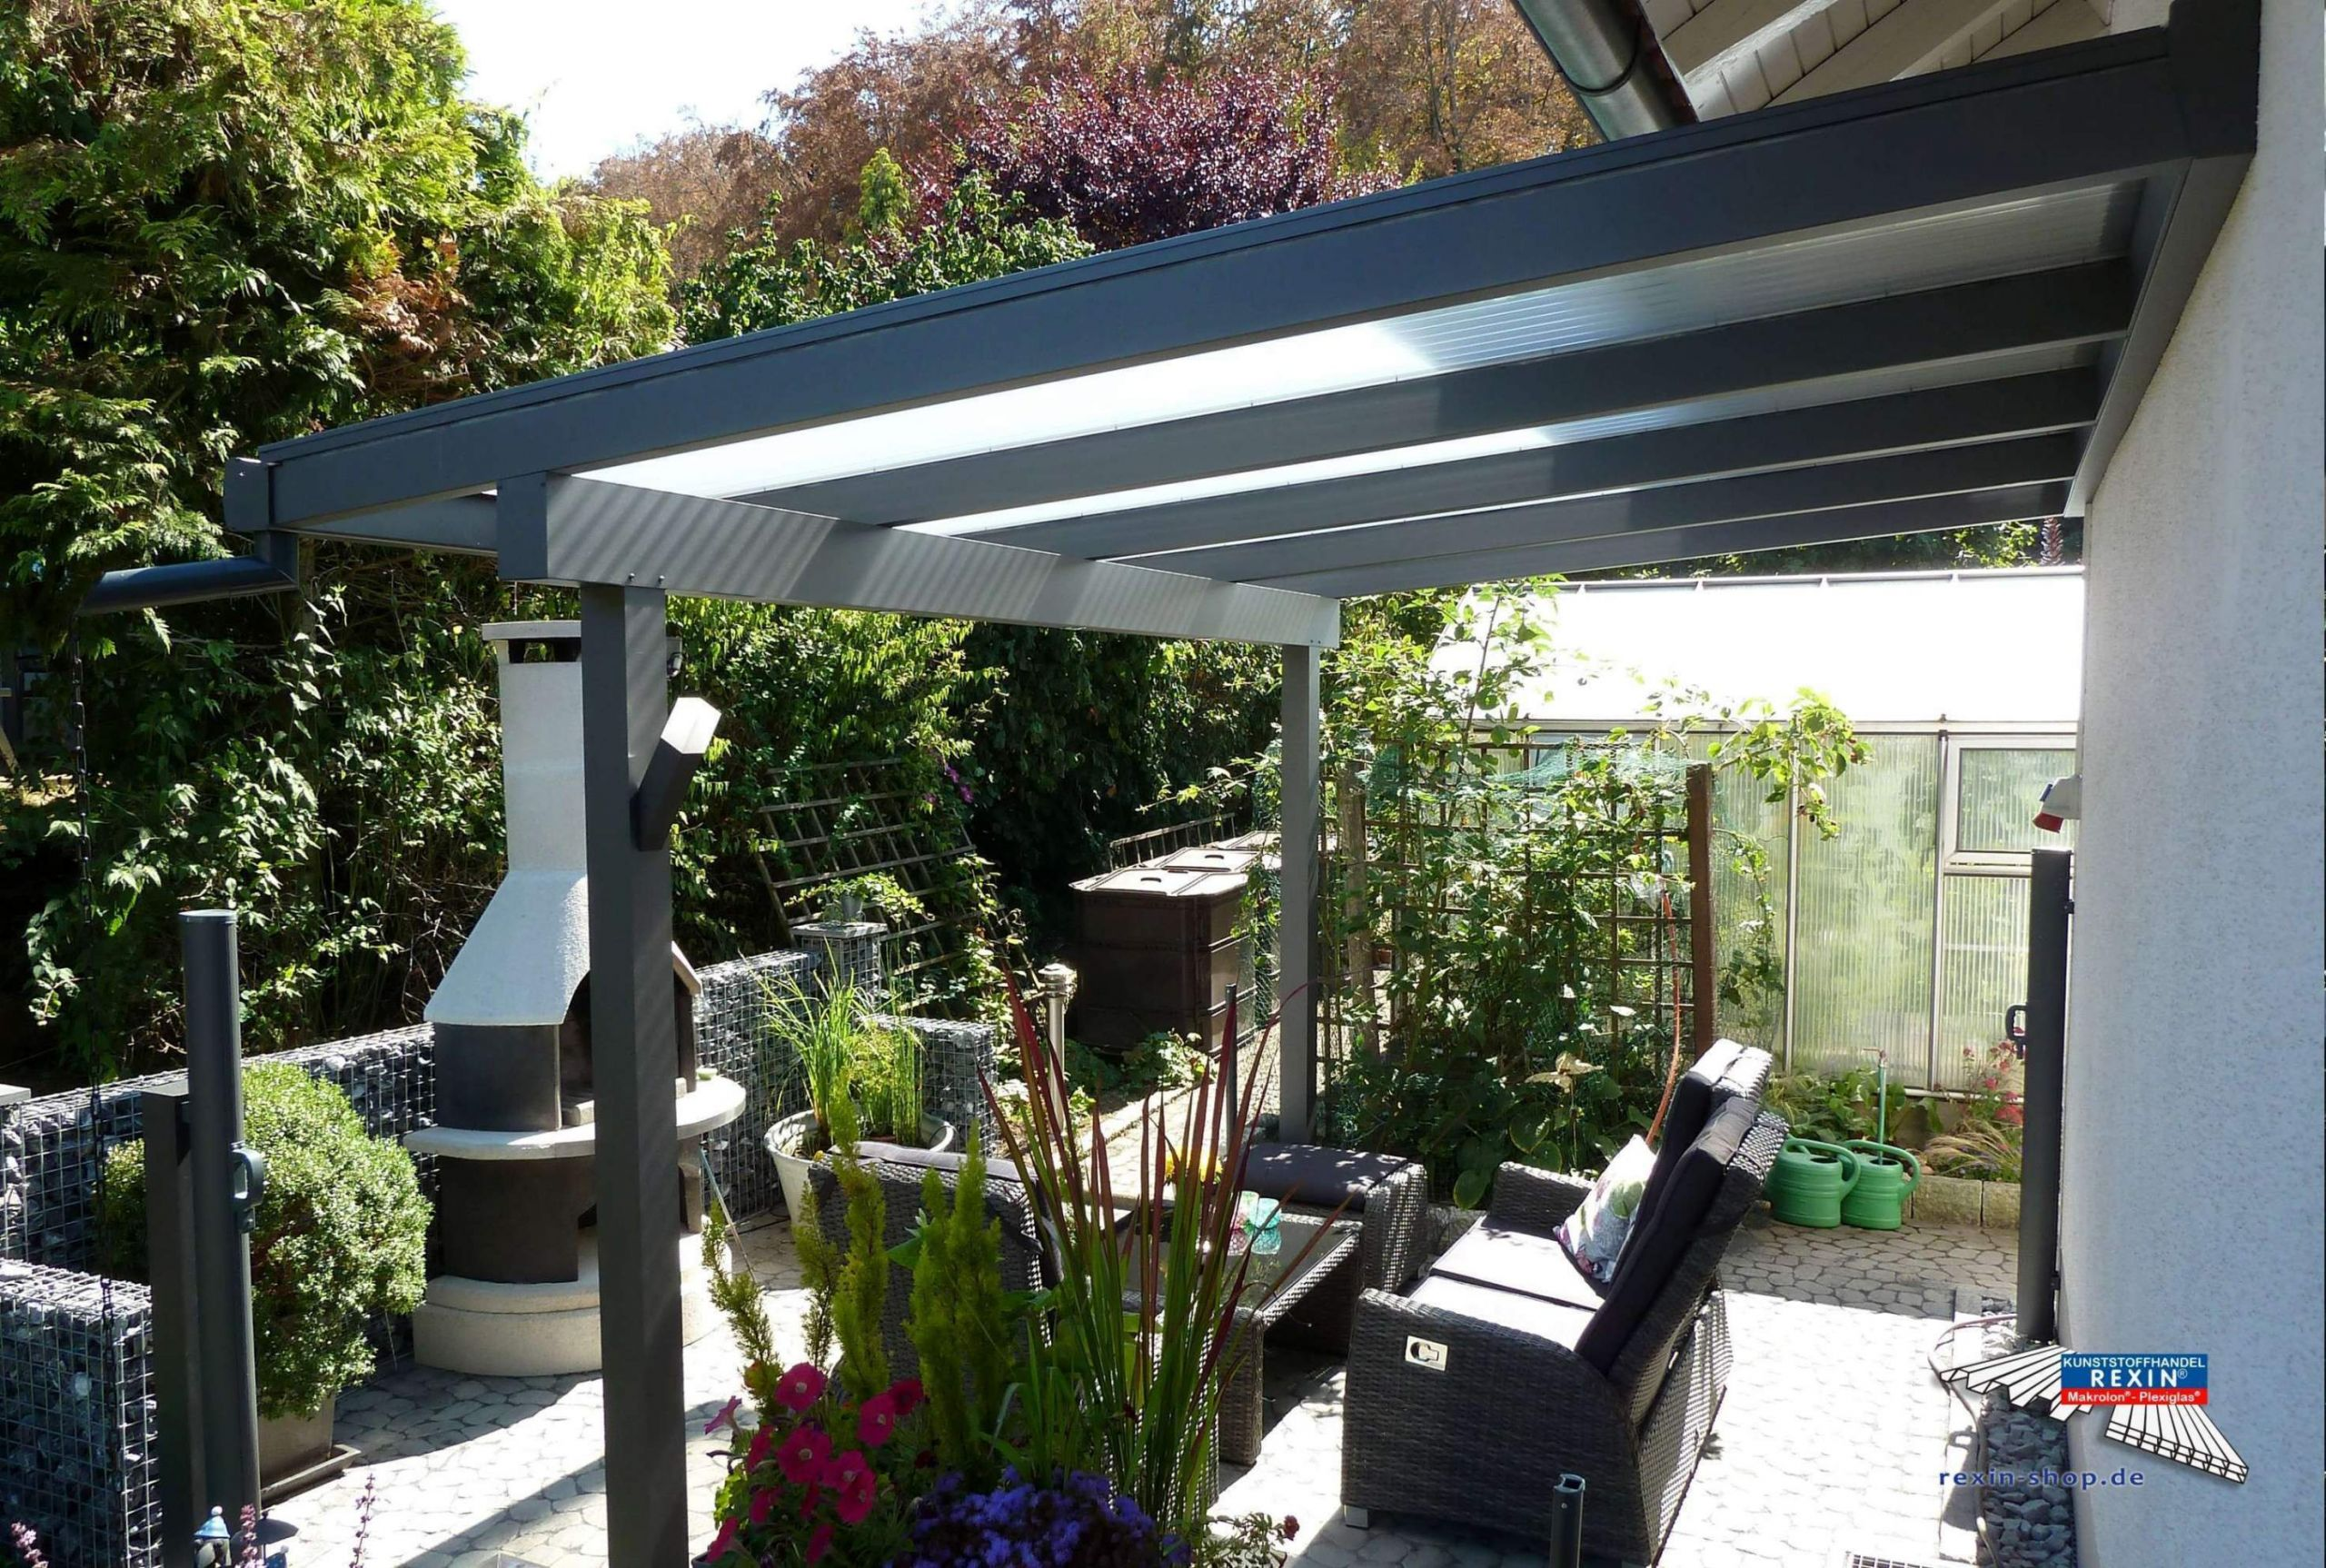 46 genial sonnenschutz terrassendach pic sonnenschutz im garten sonnenschutz im garten